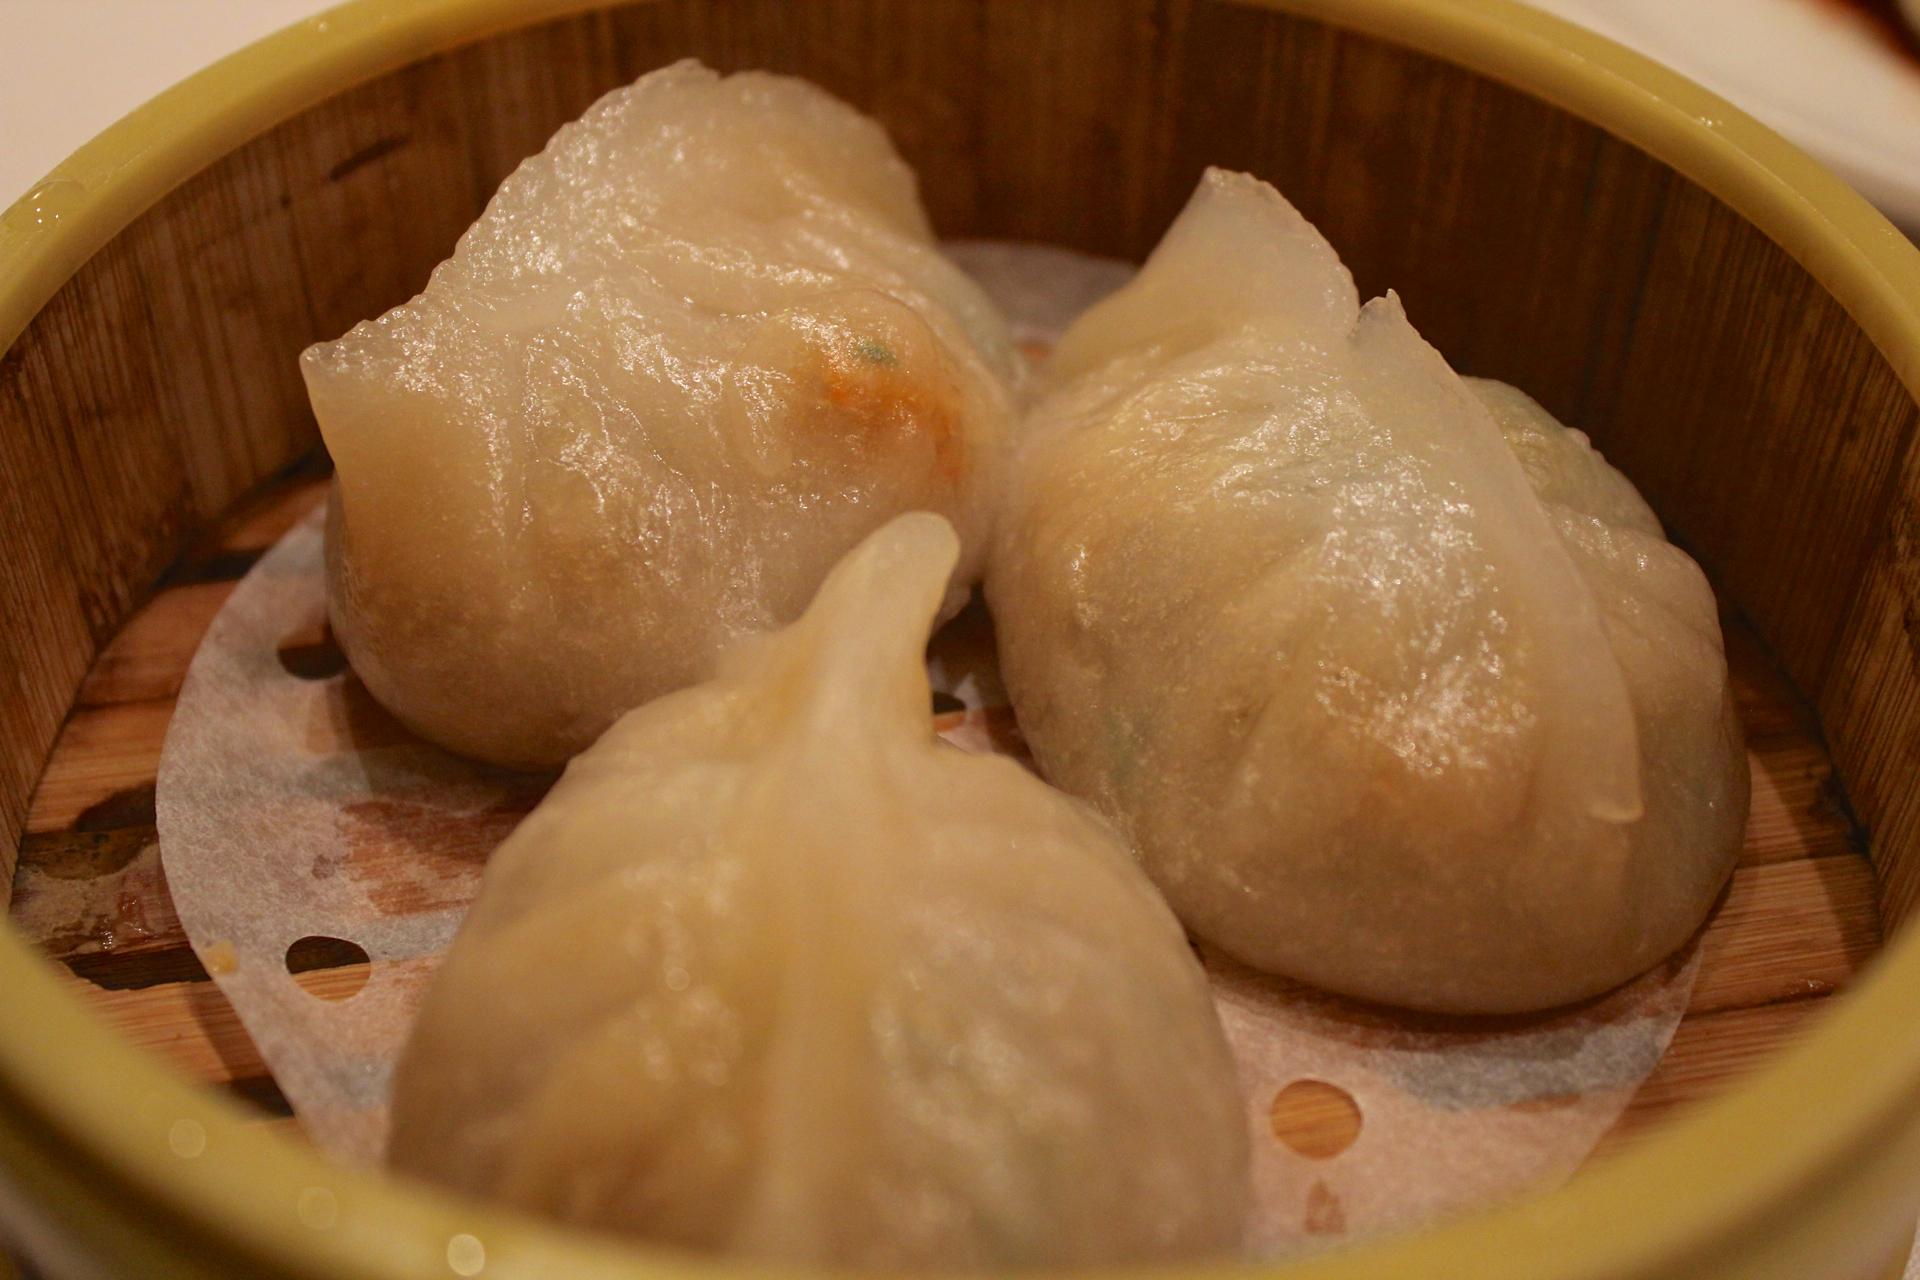 Pork and dried shrimp dumplings at Tai Pan.